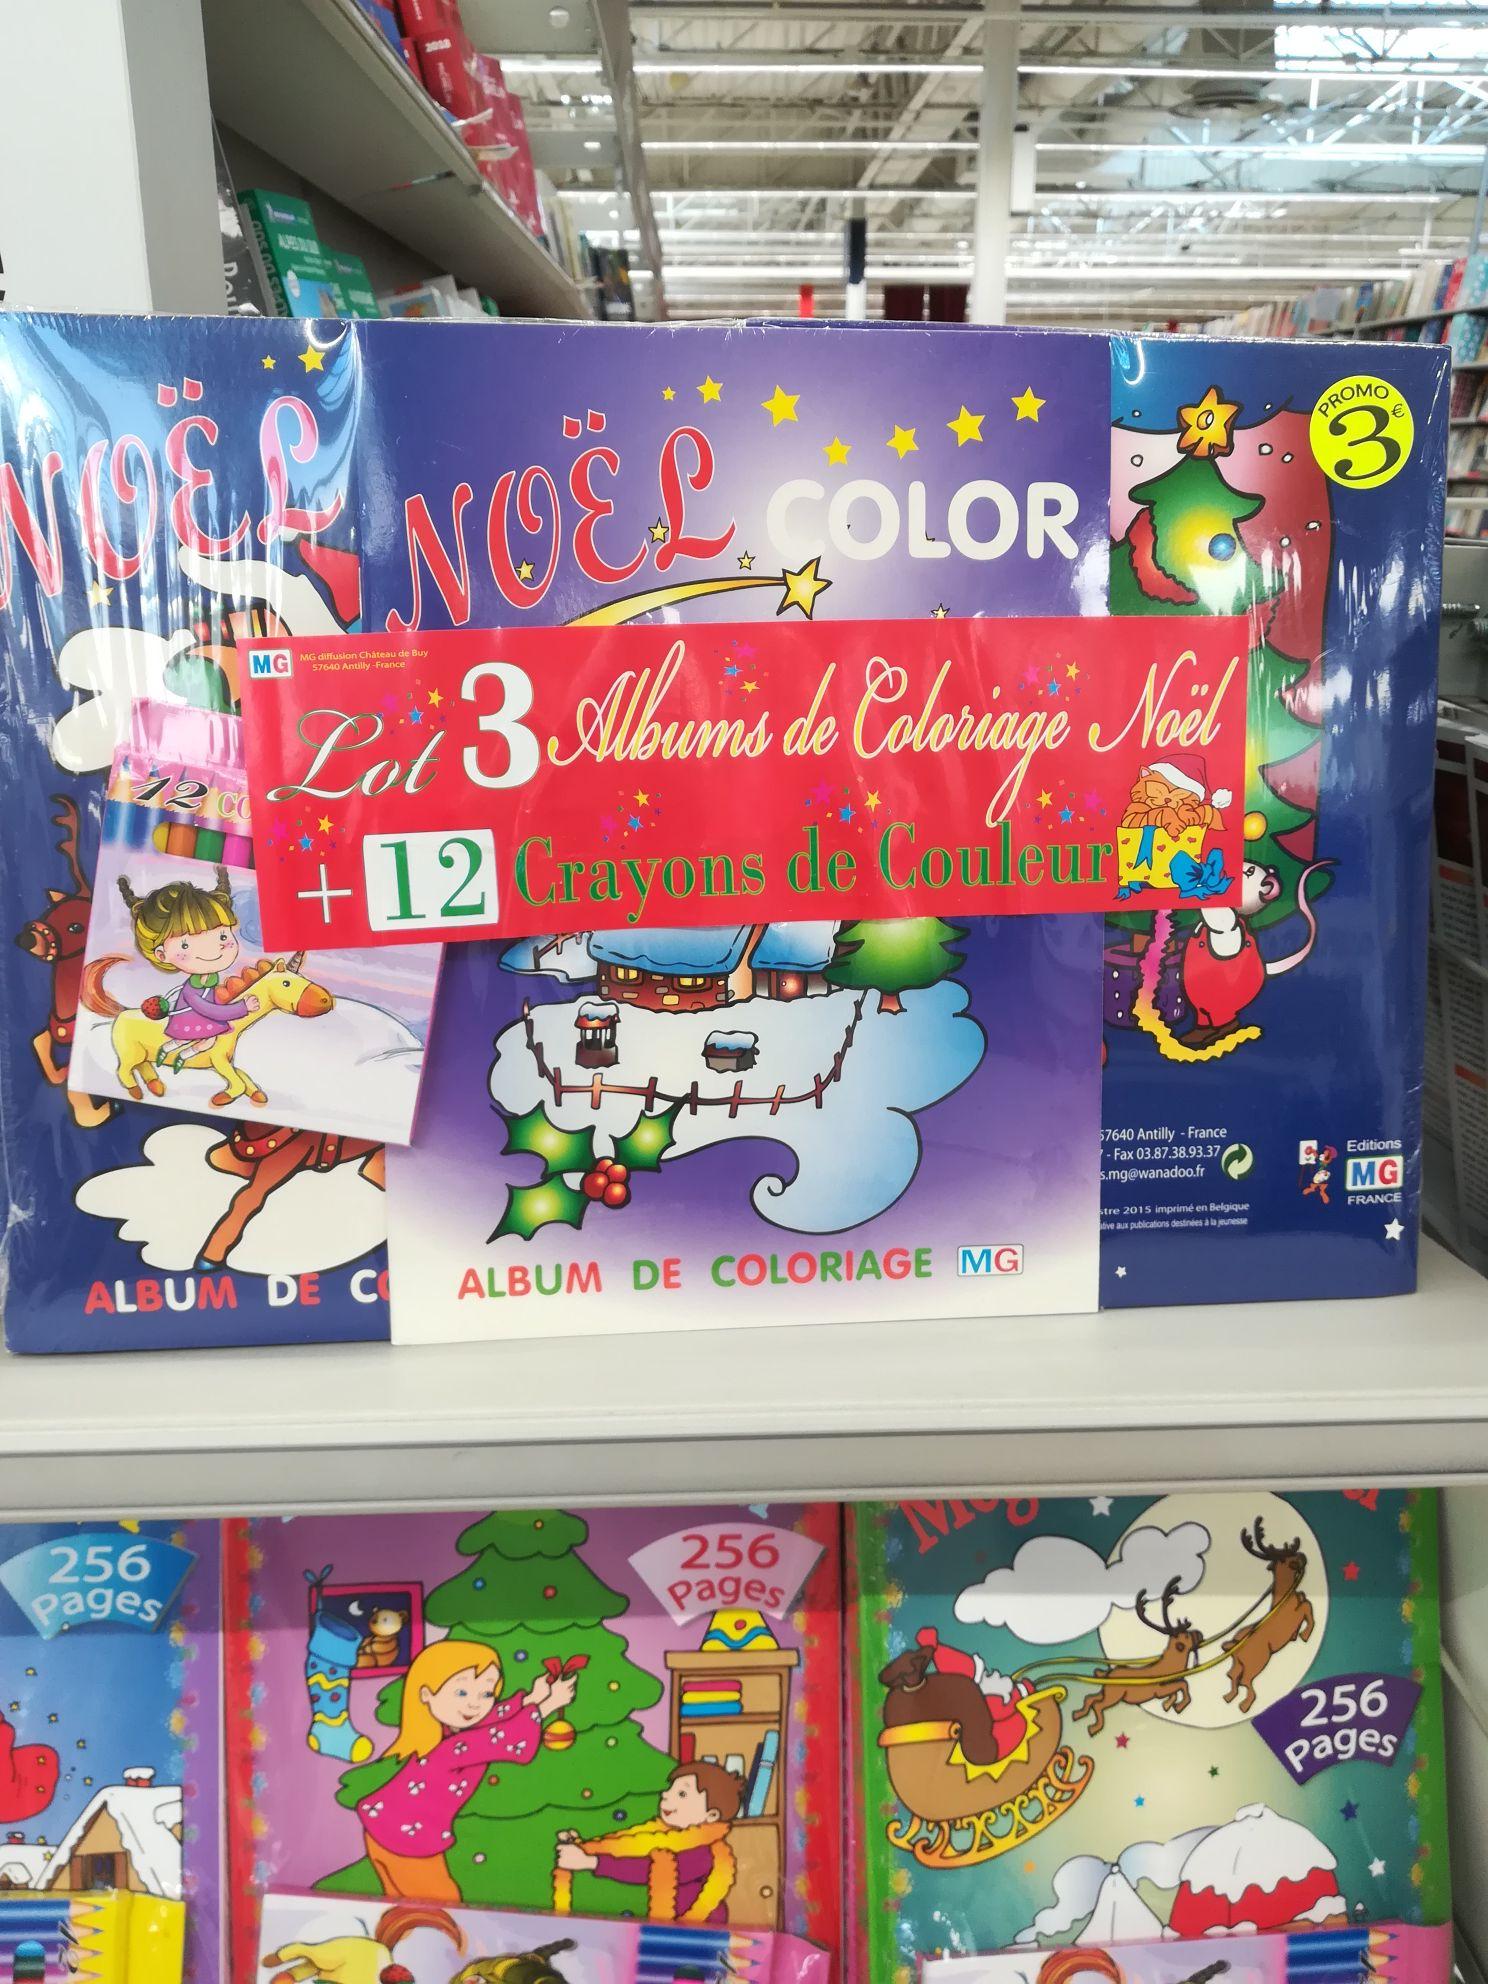 Lot 3 livres de coloriage et 12 crayons de couleur - Marzy (58)